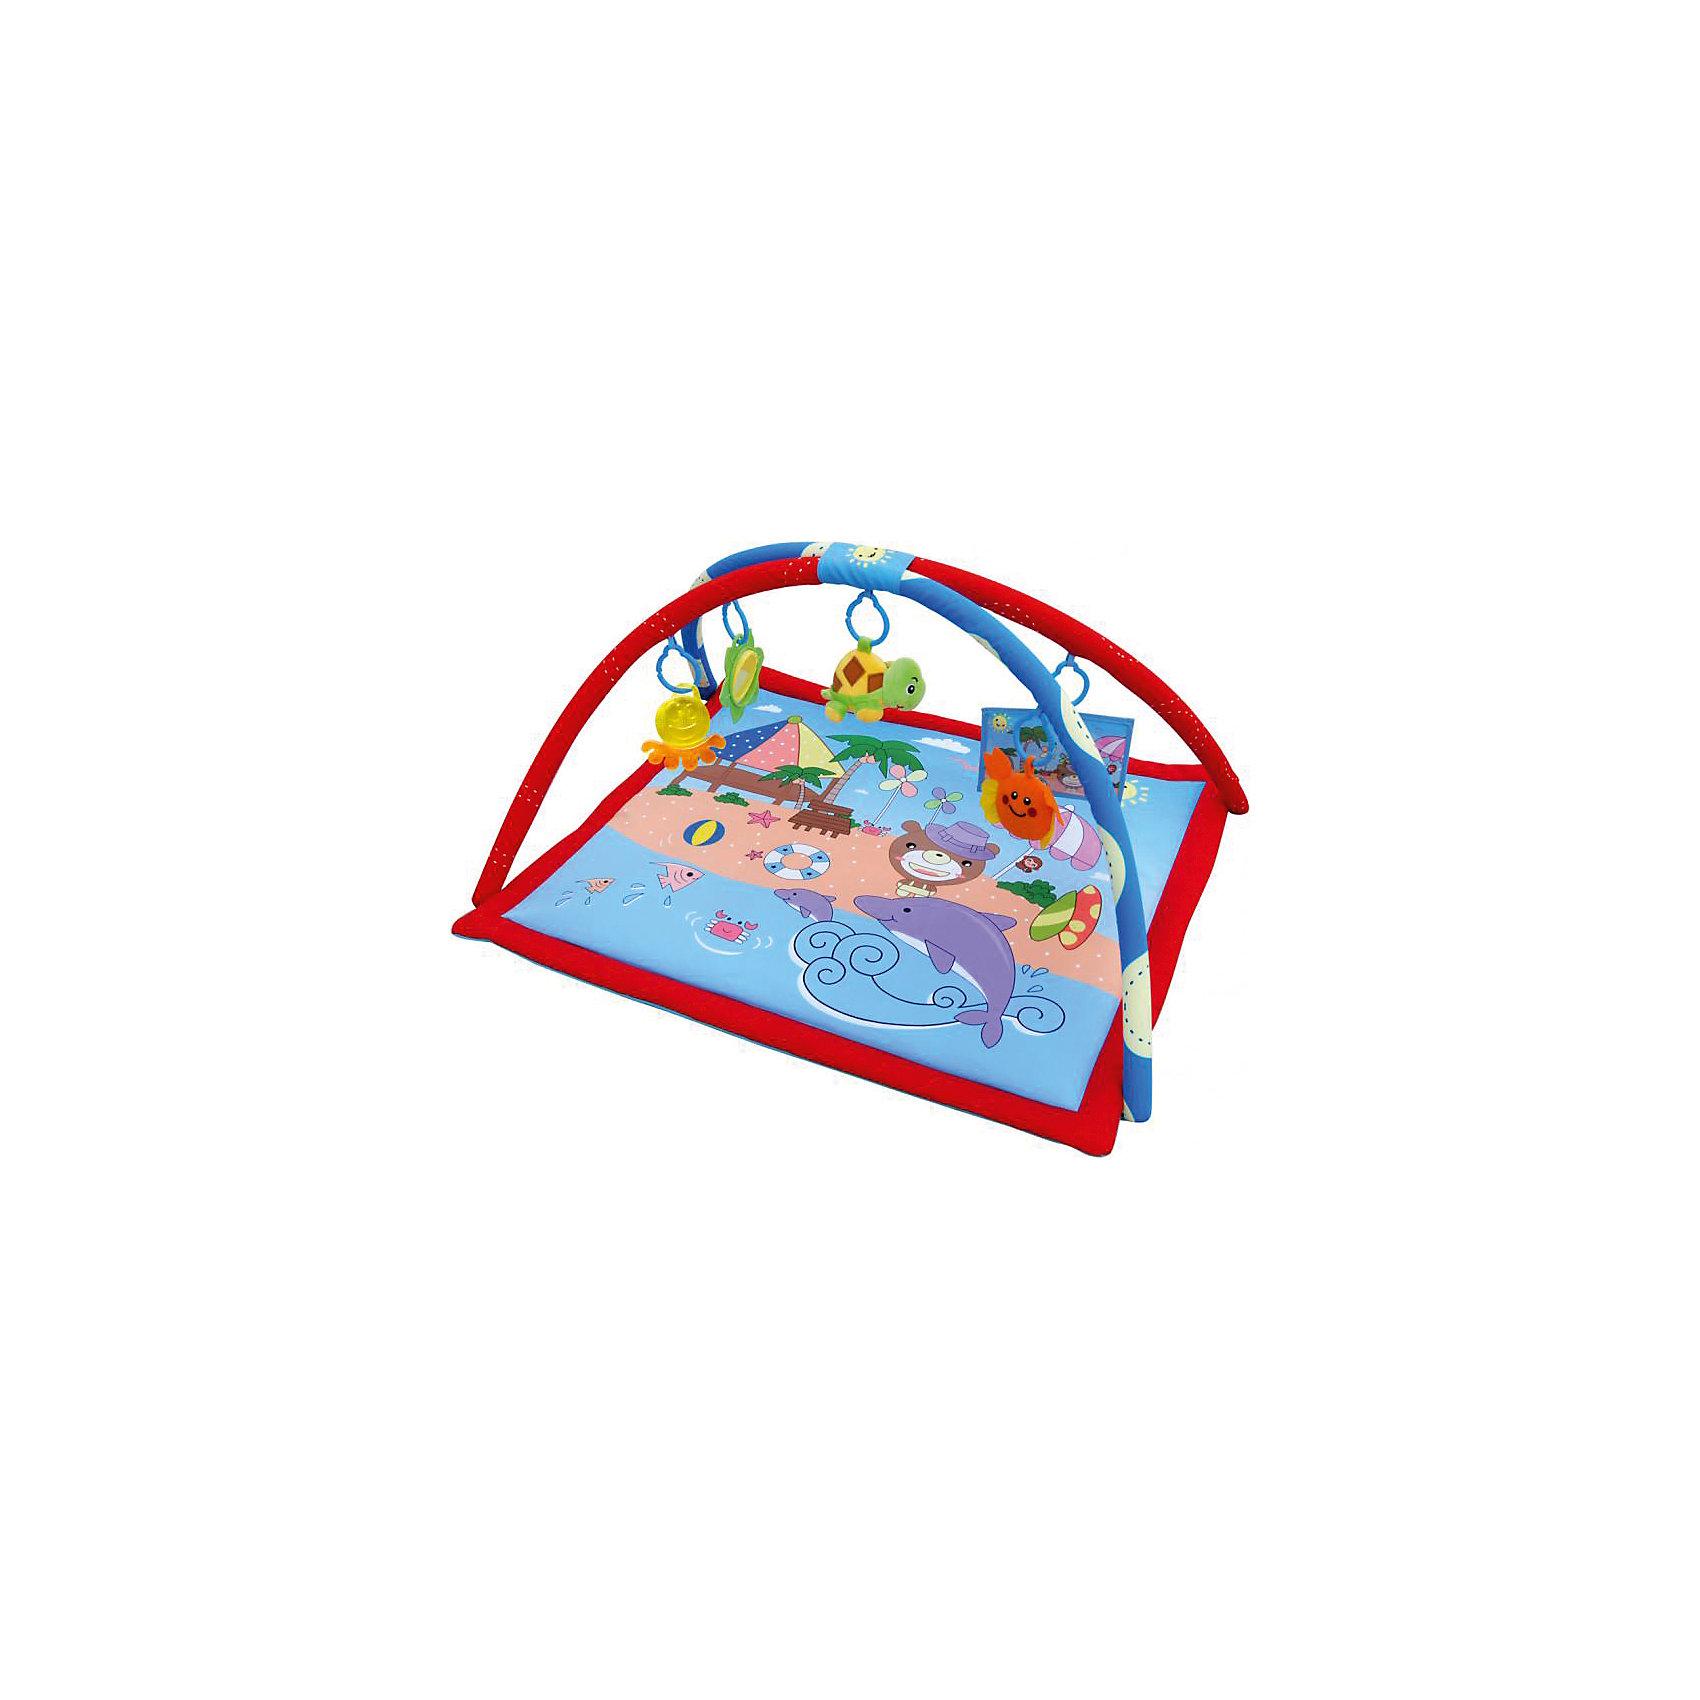 Развивающий коврик Прекрасный пляж, LaDiDaЯркий развивающий коврик обязательно привлечет внимание малышей, надолго их заинтересует и поможет развить моторику, хватательный рефлекс и цветовосприятие. Коврик имеет две дуги, на которых расположены очаровательные игрушки. Подвески выполнены из материалов различных фактур, благодаря чему ваш кроха сможет развить тактильные ощущения, играя с ними. Коврик выполнен из высококачественных материалов, в производстве изделия использованы только качественные безопасные для детей красители. Коврик компактно складывается, удобен в хранении и транспортировке.<br><br>Дополнительная информация:<br><br>- Материал: пластик, текстиль.<br>- Комплектация: коврик с двумя дугами, 5 подвесок (плюшевая погремушка-черепаха, погремушка-краб, зеркальце, мягкий альбом и прорезыватель).<br>- Размер: 80x80x50 см.<br>- Легко стирается. <br><br>Развивающий коврик Прекрасный пляж, LaDiDa, можно купить в нашем магазине.<br><br>Ширина мм: 570<br>Глубина мм: 550<br>Высота мм: 60<br>Вес г: 800<br>Возраст от месяцев: 0<br>Возраст до месяцев: 36<br>Пол: Унисекс<br>Возраст: Детский<br>SKU: 4443757